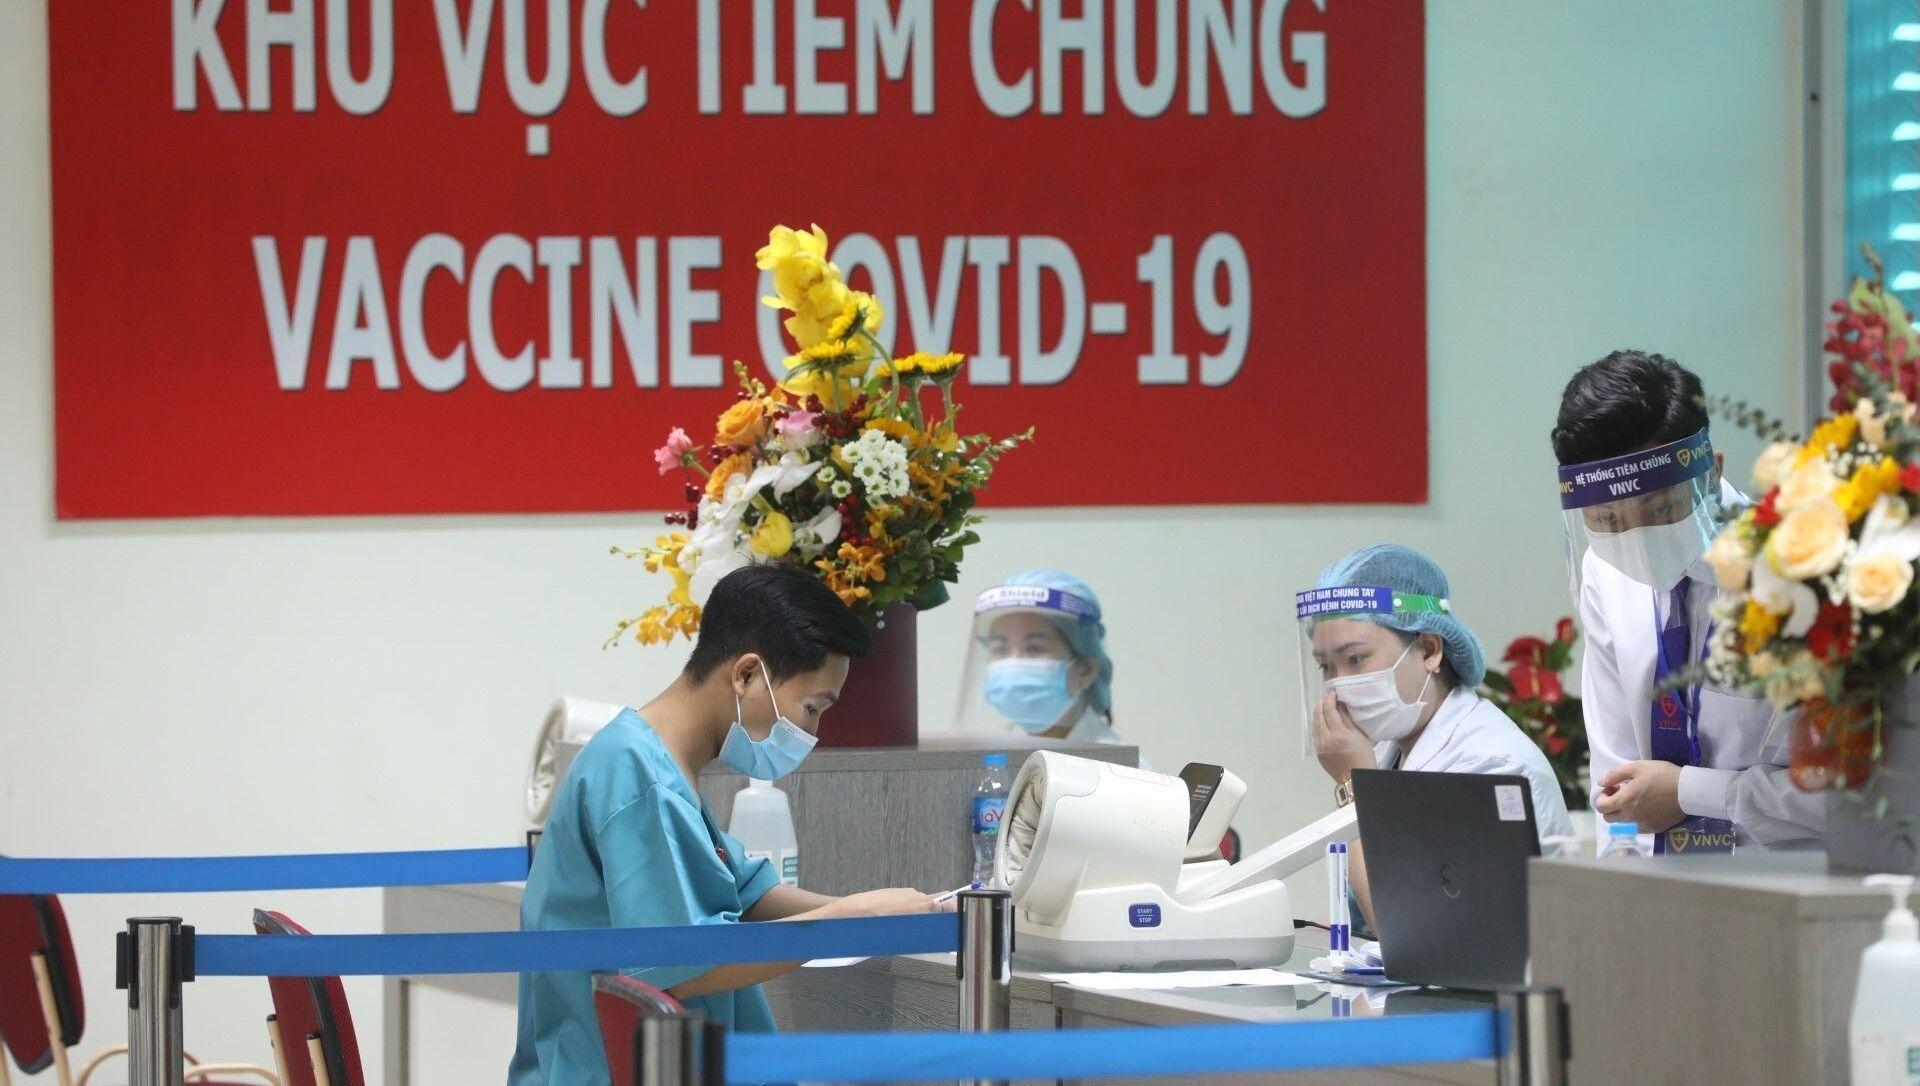 Dự kiến có 30 người là nhân viên y tế tham gia trực tiếp công tác phòng chống dịch COVID-19 tại Bệnh viện Thanh Nhàn (Sở Y tế Hà Nội) được tiêm vaccine phòng COVID-19. - Sputnik Việt Nam, 1920, 10.03.2021